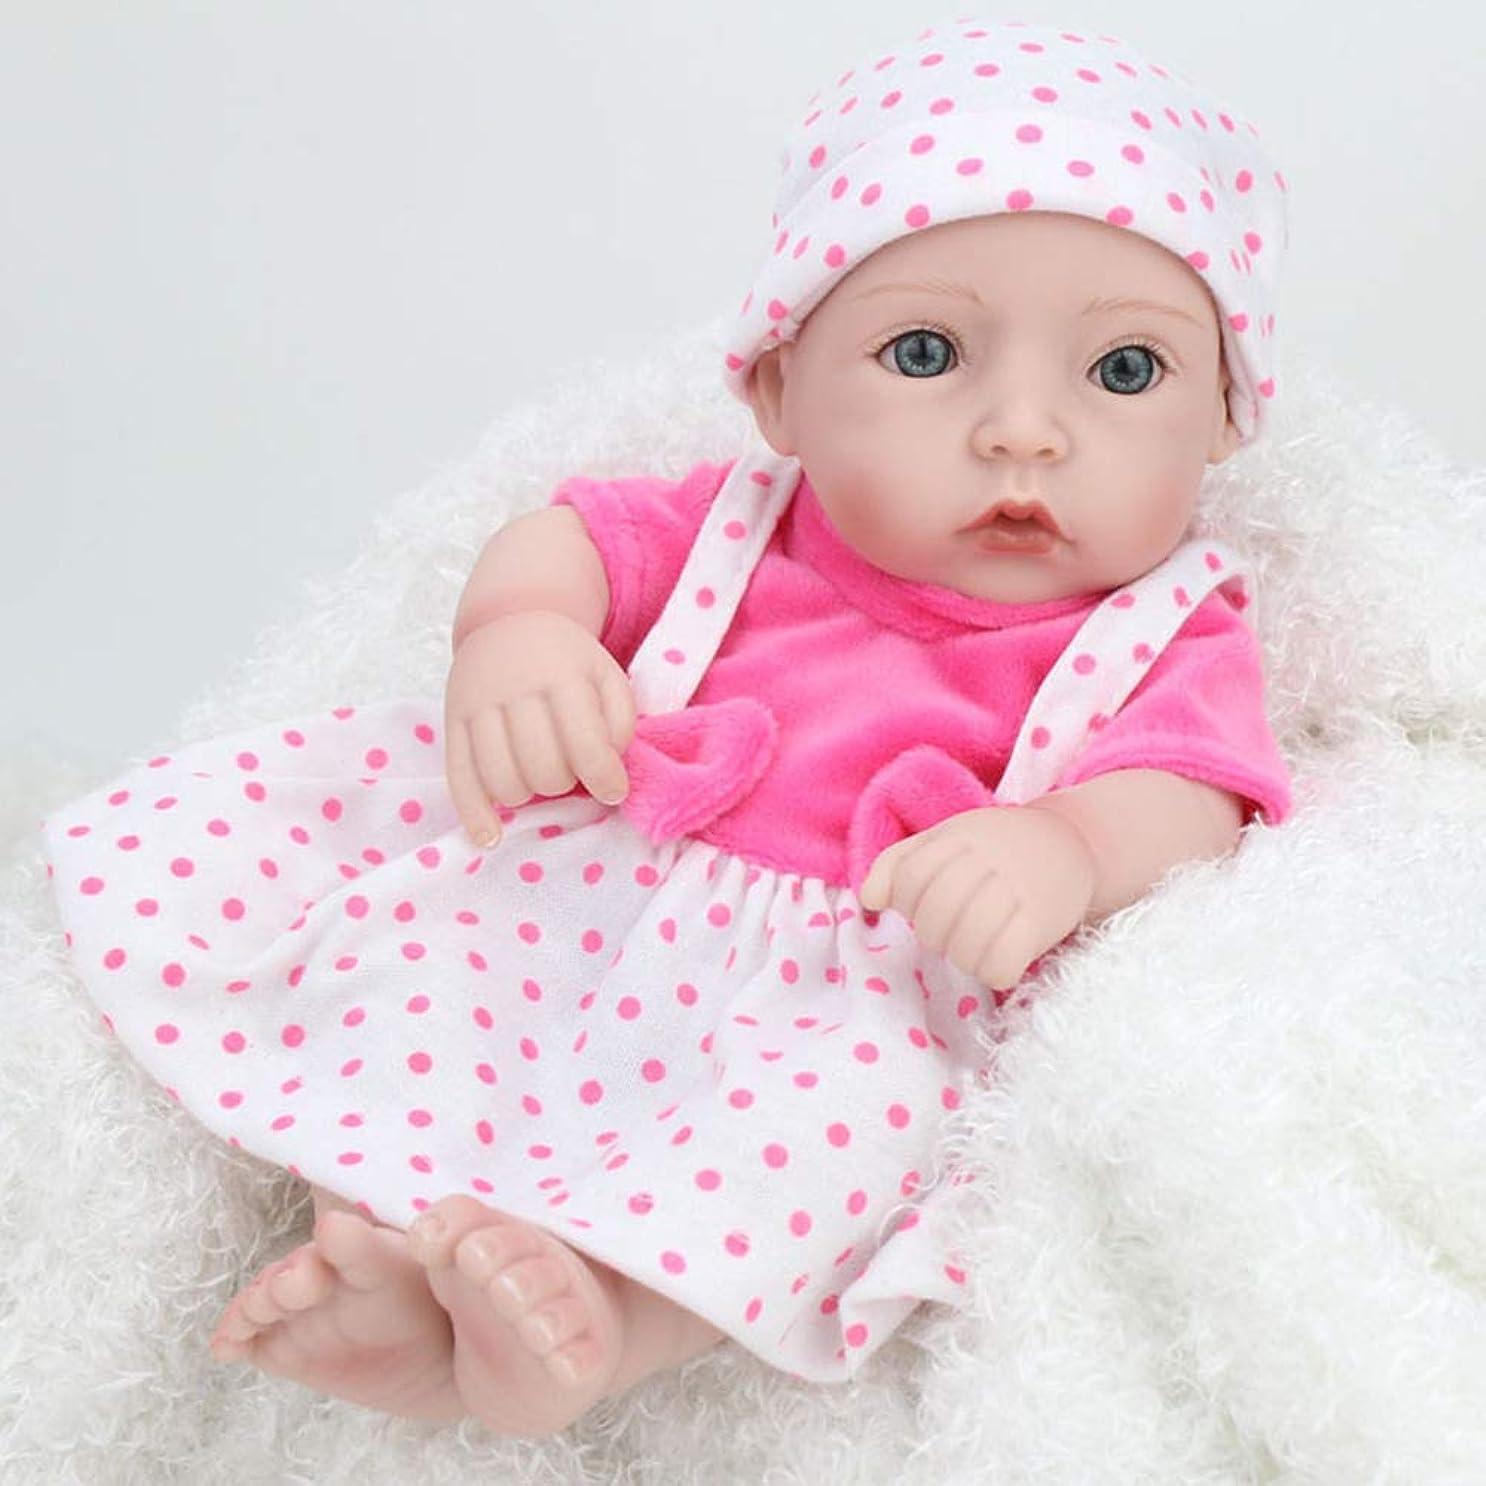 ブロッサム出会いまっすぐにする生まれ変わった赤ちゃんミニ人形10インチ生まれ変わった赤ちゃん人形用女の子ギフトリアルな人形赤ちゃん用プレイハウスおもちゃシミュレータ人形